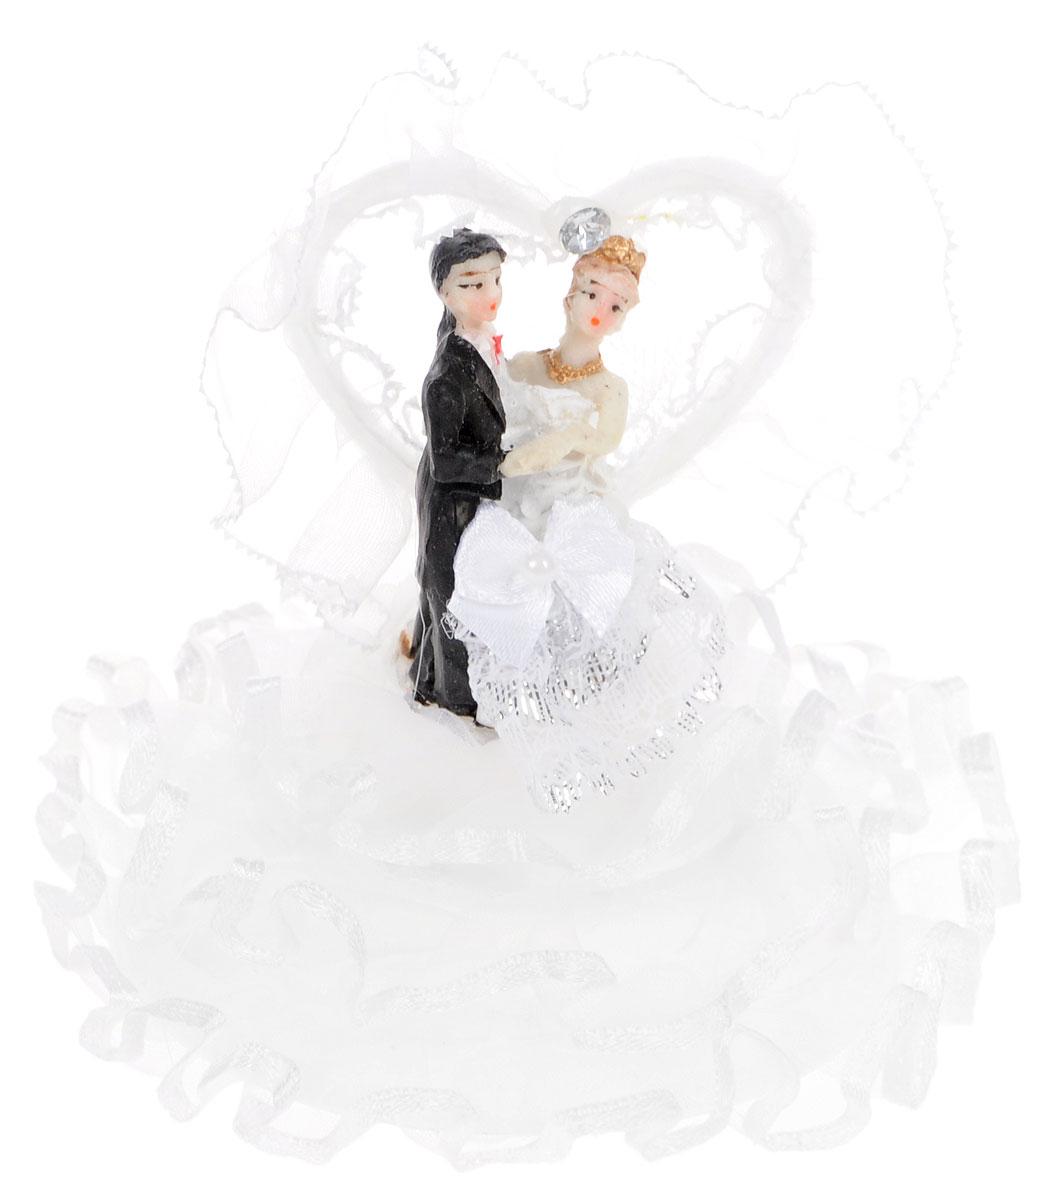 Фигурка декоративная Win Max Жених и невеста, высота 11 см. 2790238617Декоративная фигурка Win Max Жених и невеста изготовлена из полистоуна и текстиля. Изделие представляет собой круглую подставку с фигурками жениха и невесты, украшенных тесьмой и стразами. Такая фигурка идеально впишется в свадебный интерьер и будет радовать вас своим видом в самый важный день в вашей жизни.Высота фигурки: 11 см.